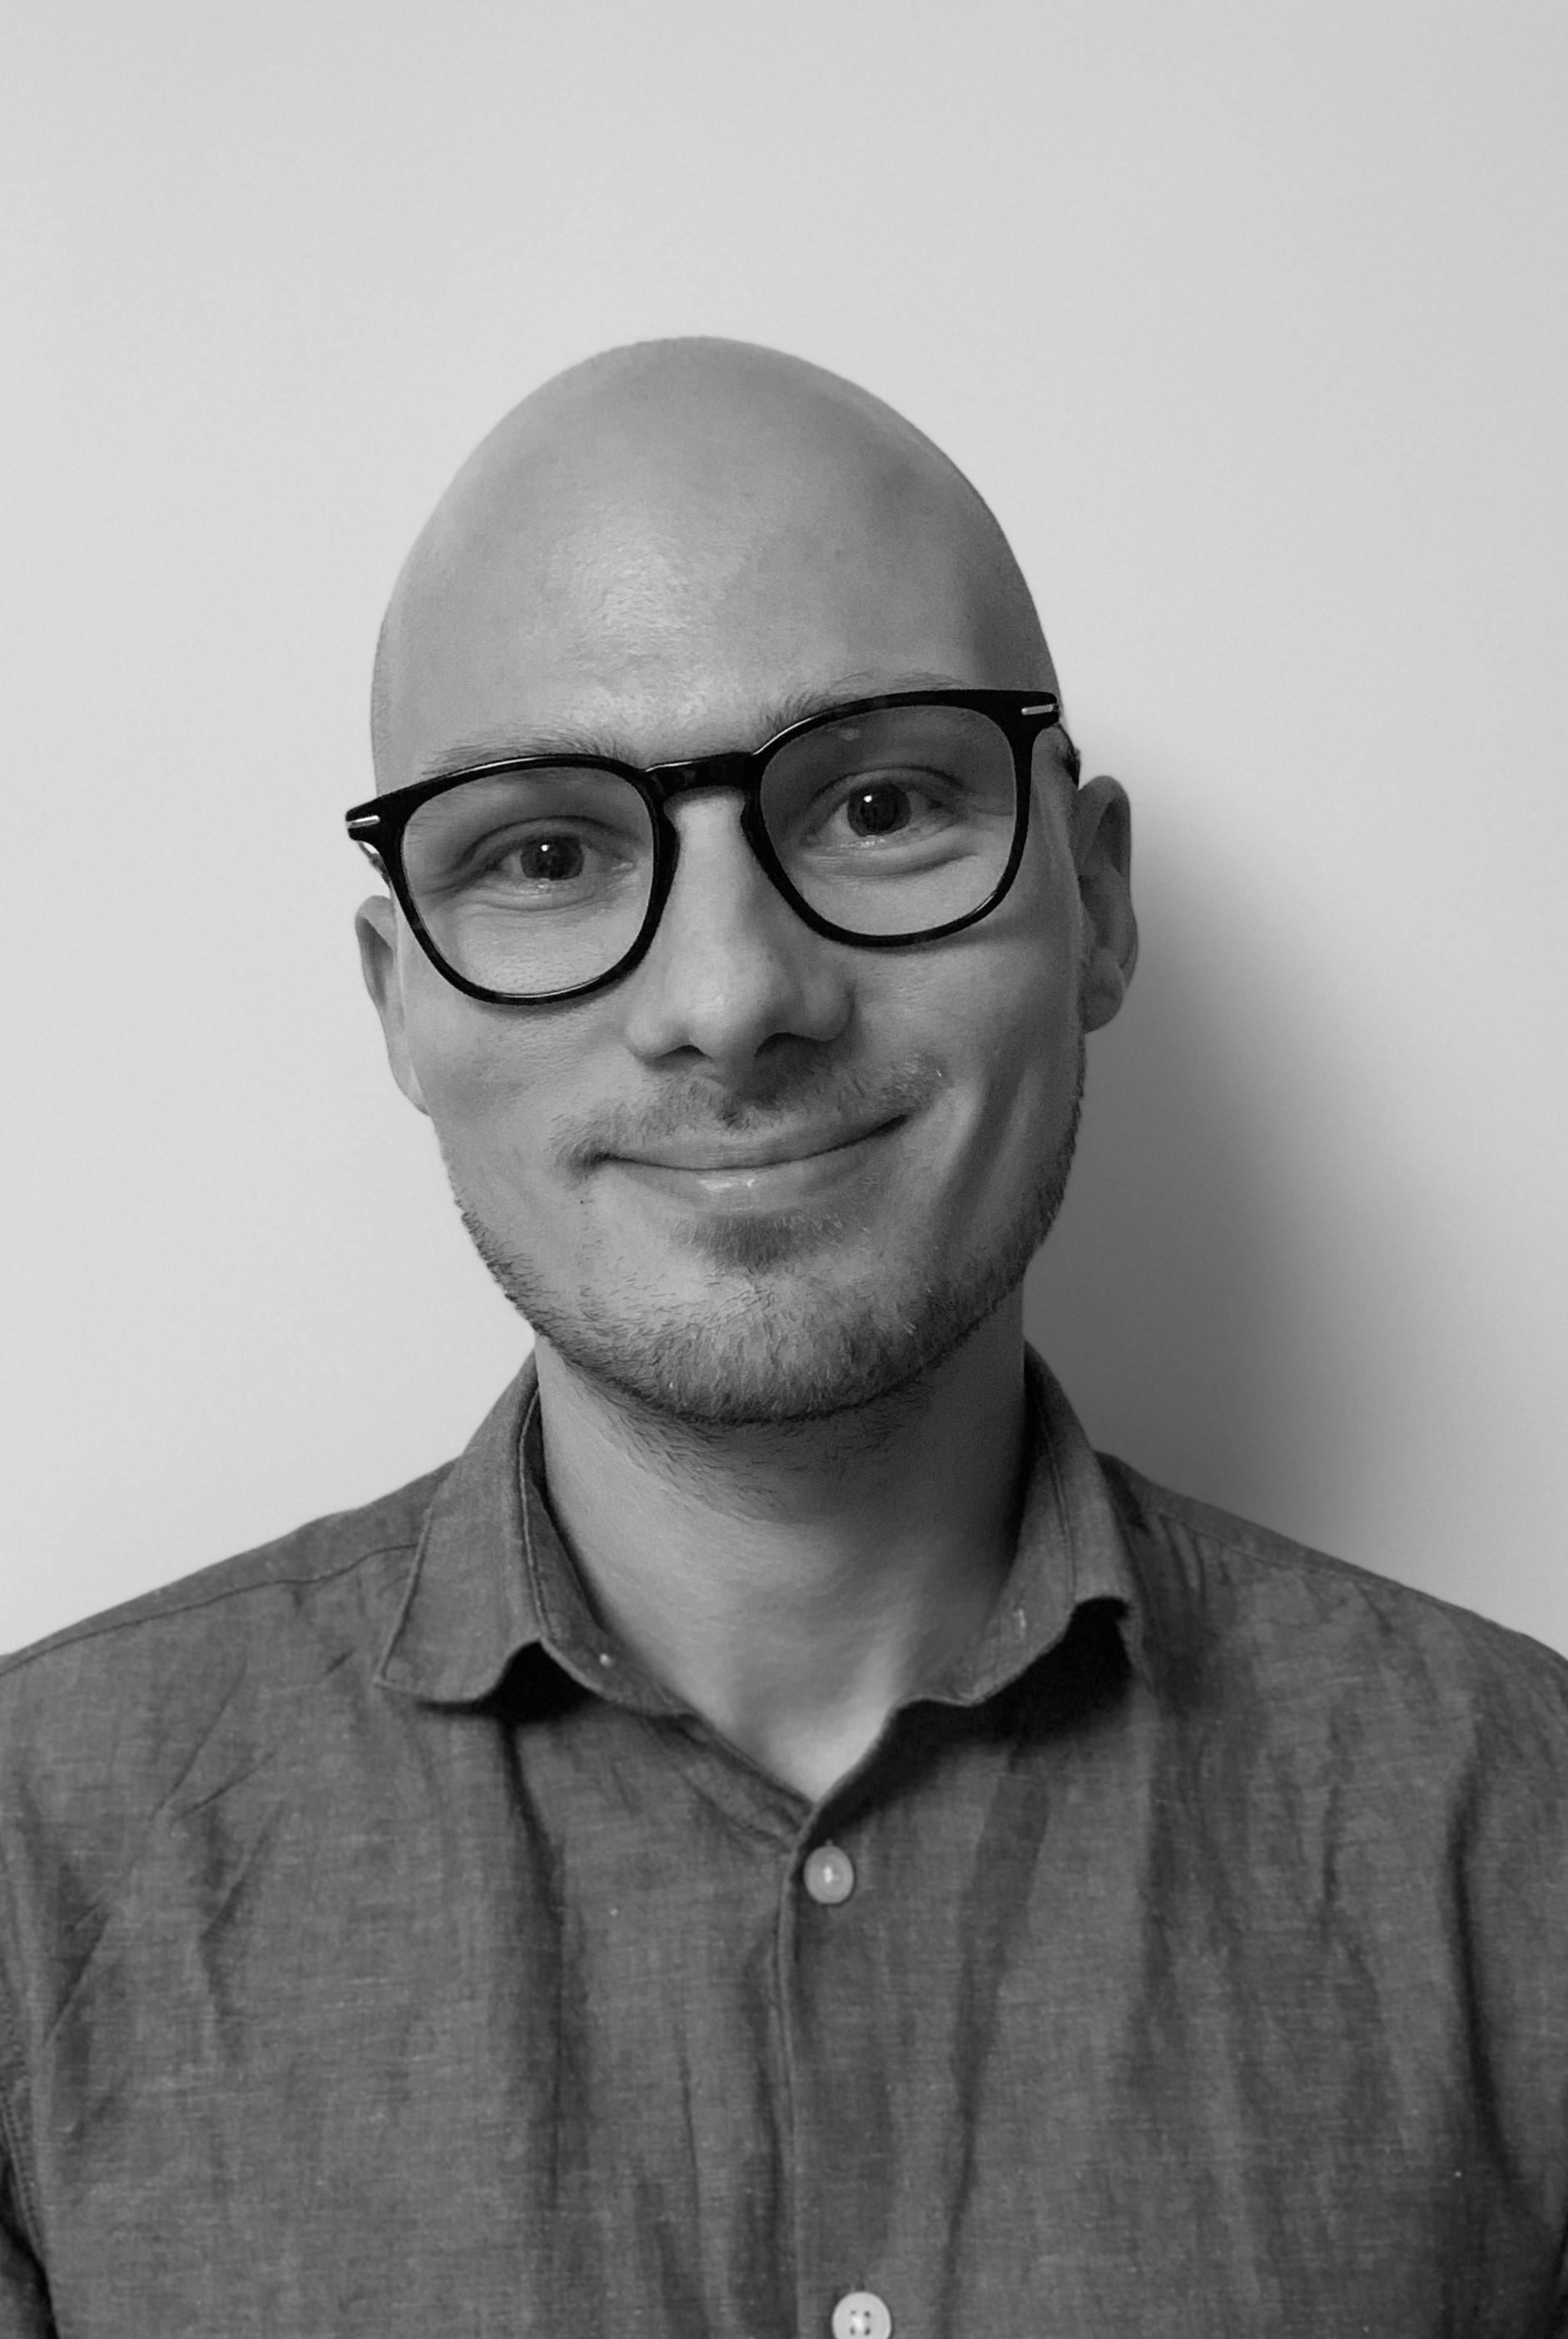 Lucas Benderfeldt